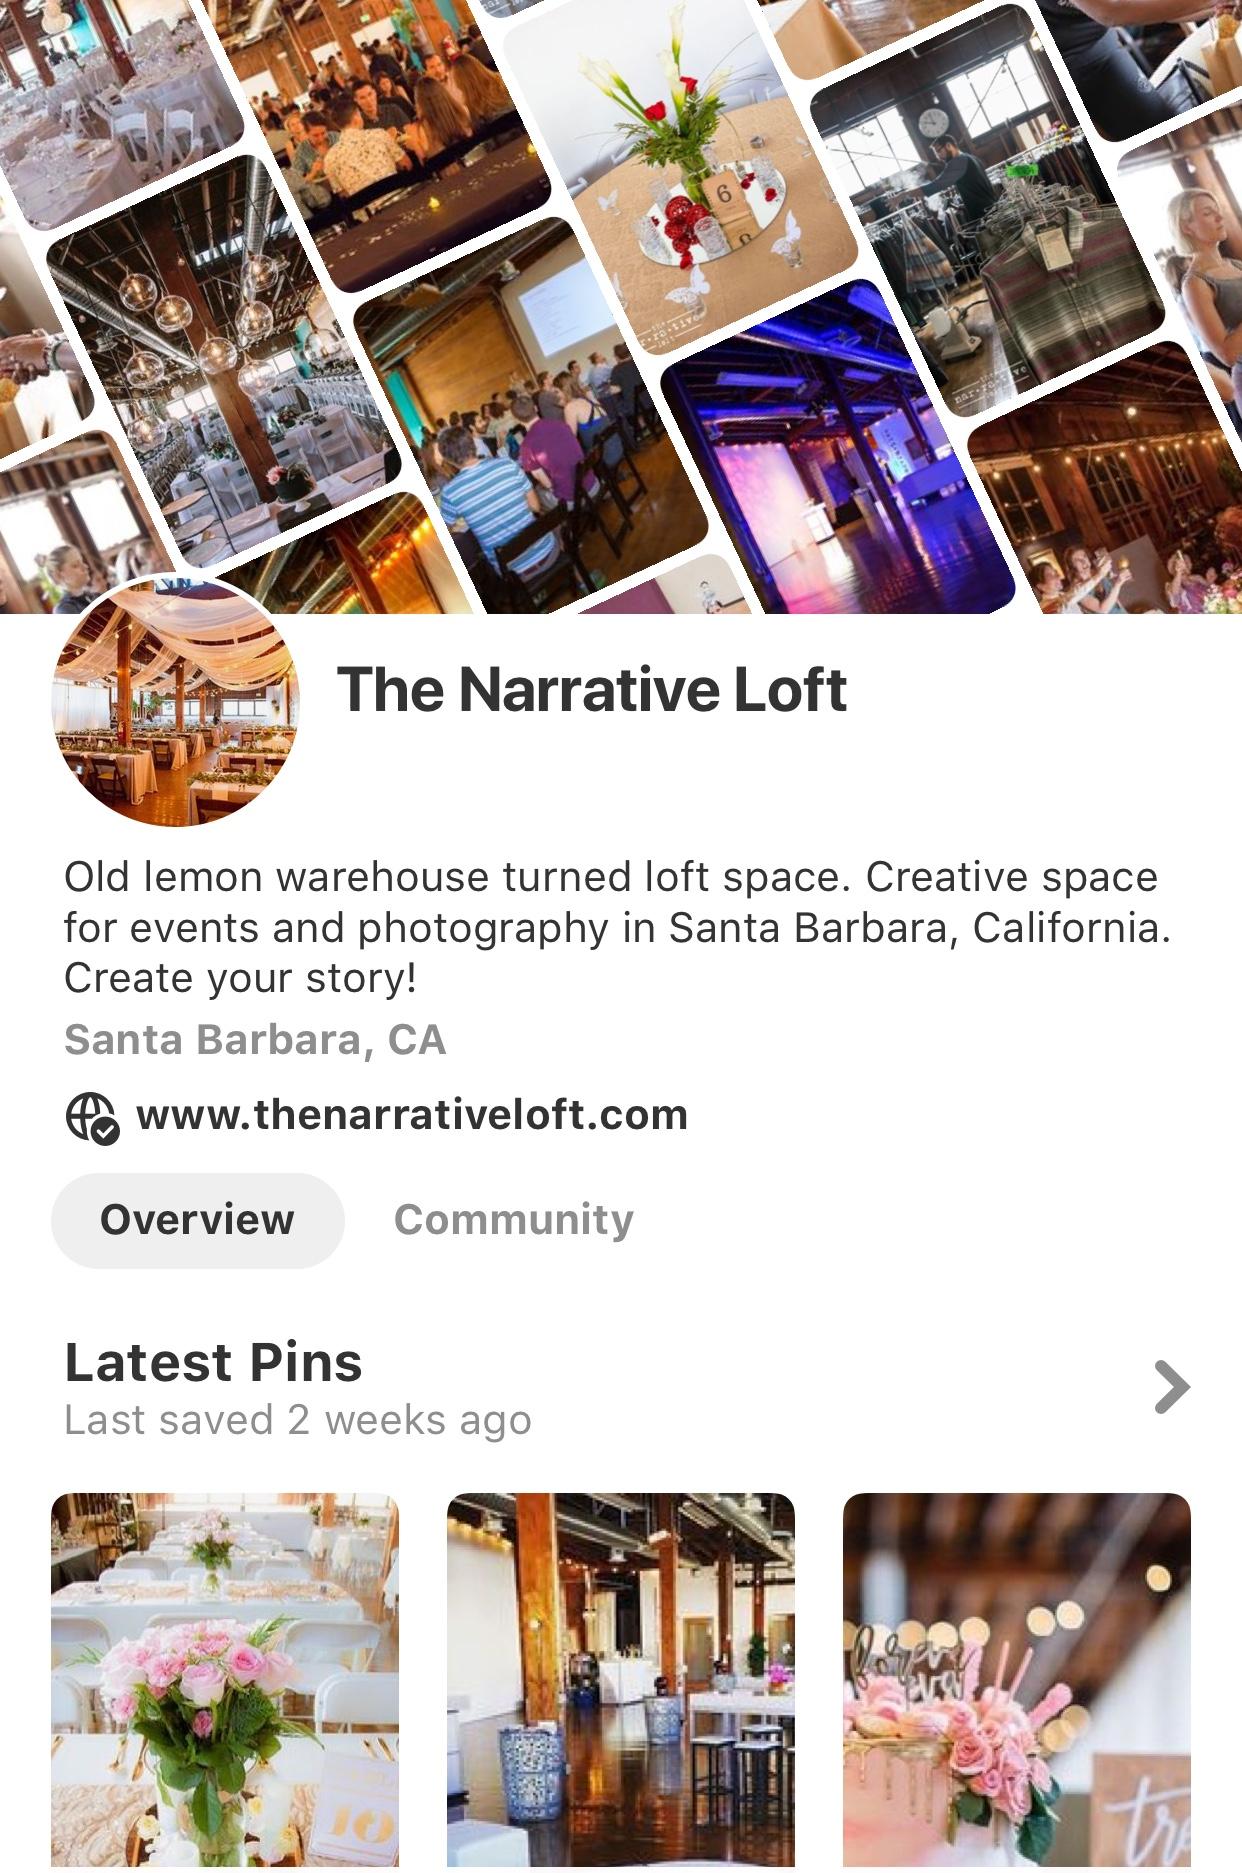 The Narrative Loft Pinterest